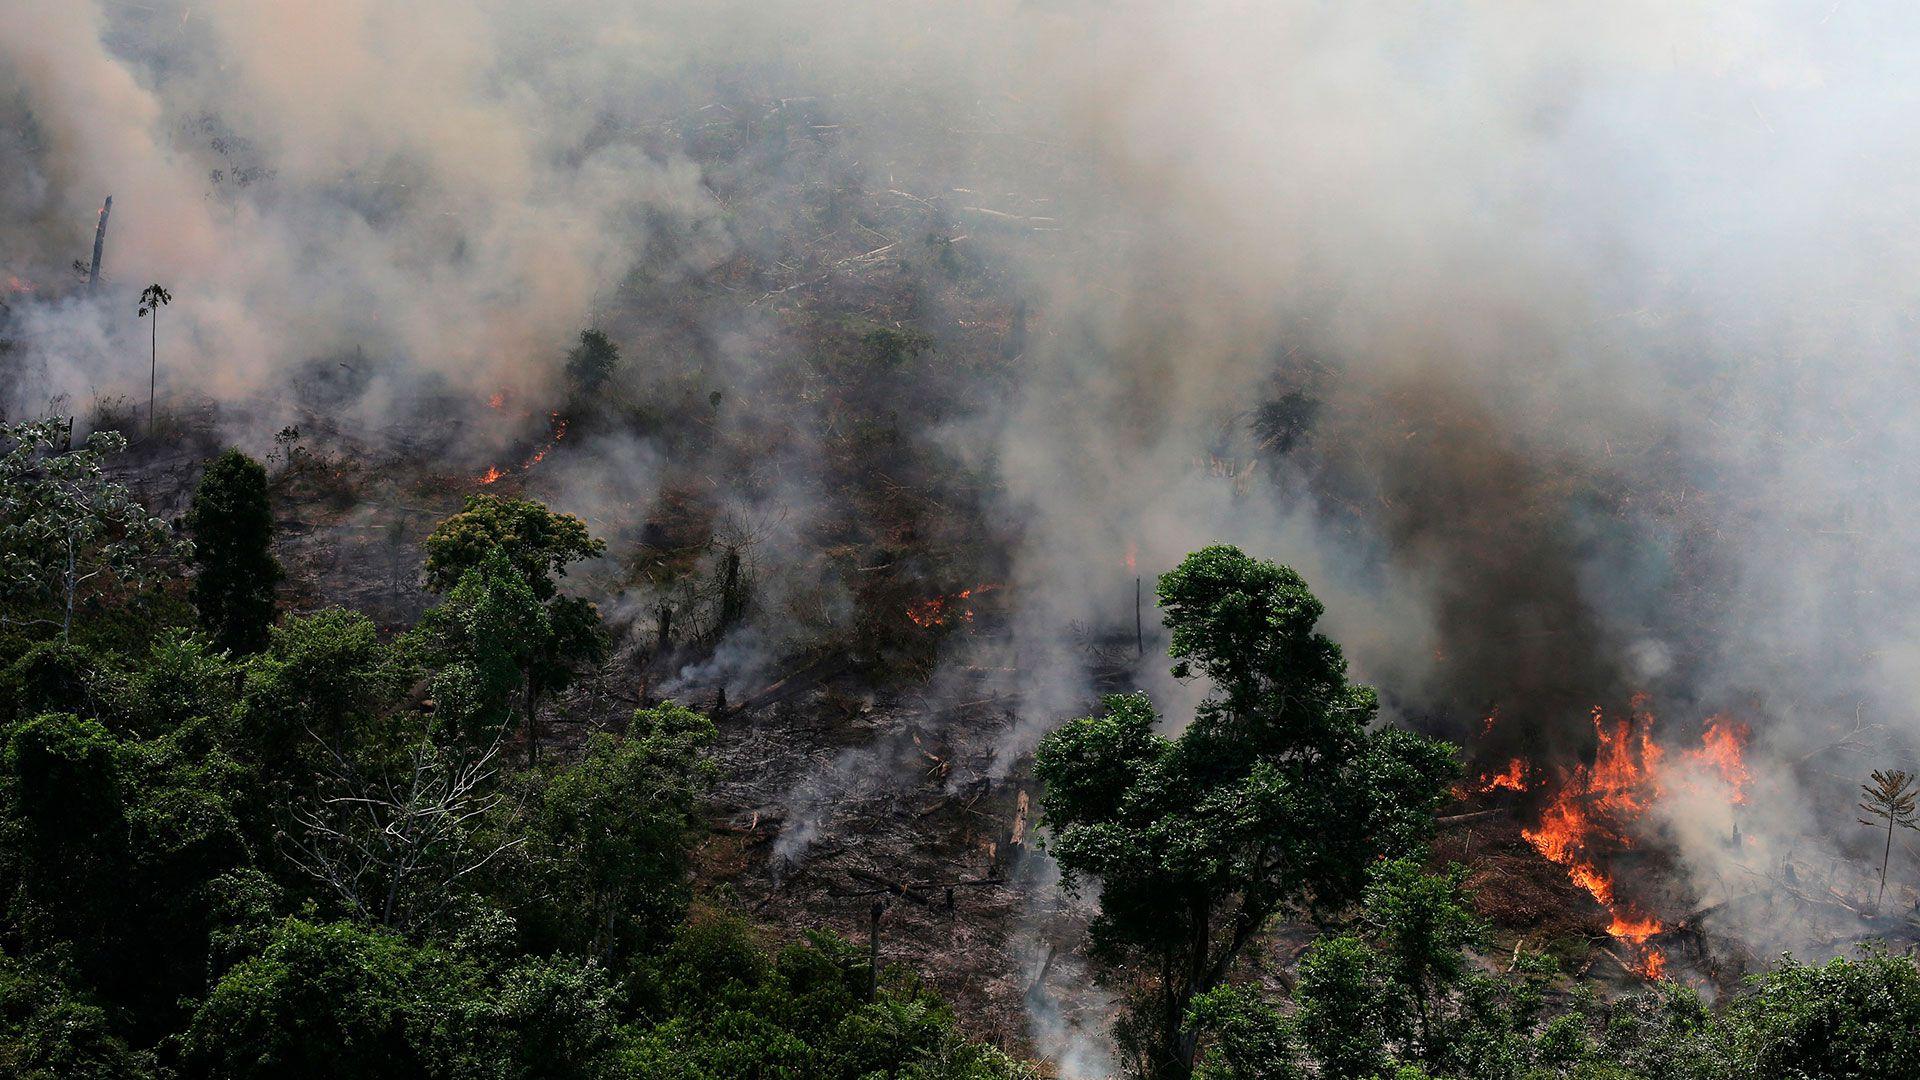 La magnitud del incendio en la Amazonia ha aumentado la preocupación alrededor del mundo, debido a que es uno de los principales pulmones del planeta (Foto: Archivo)